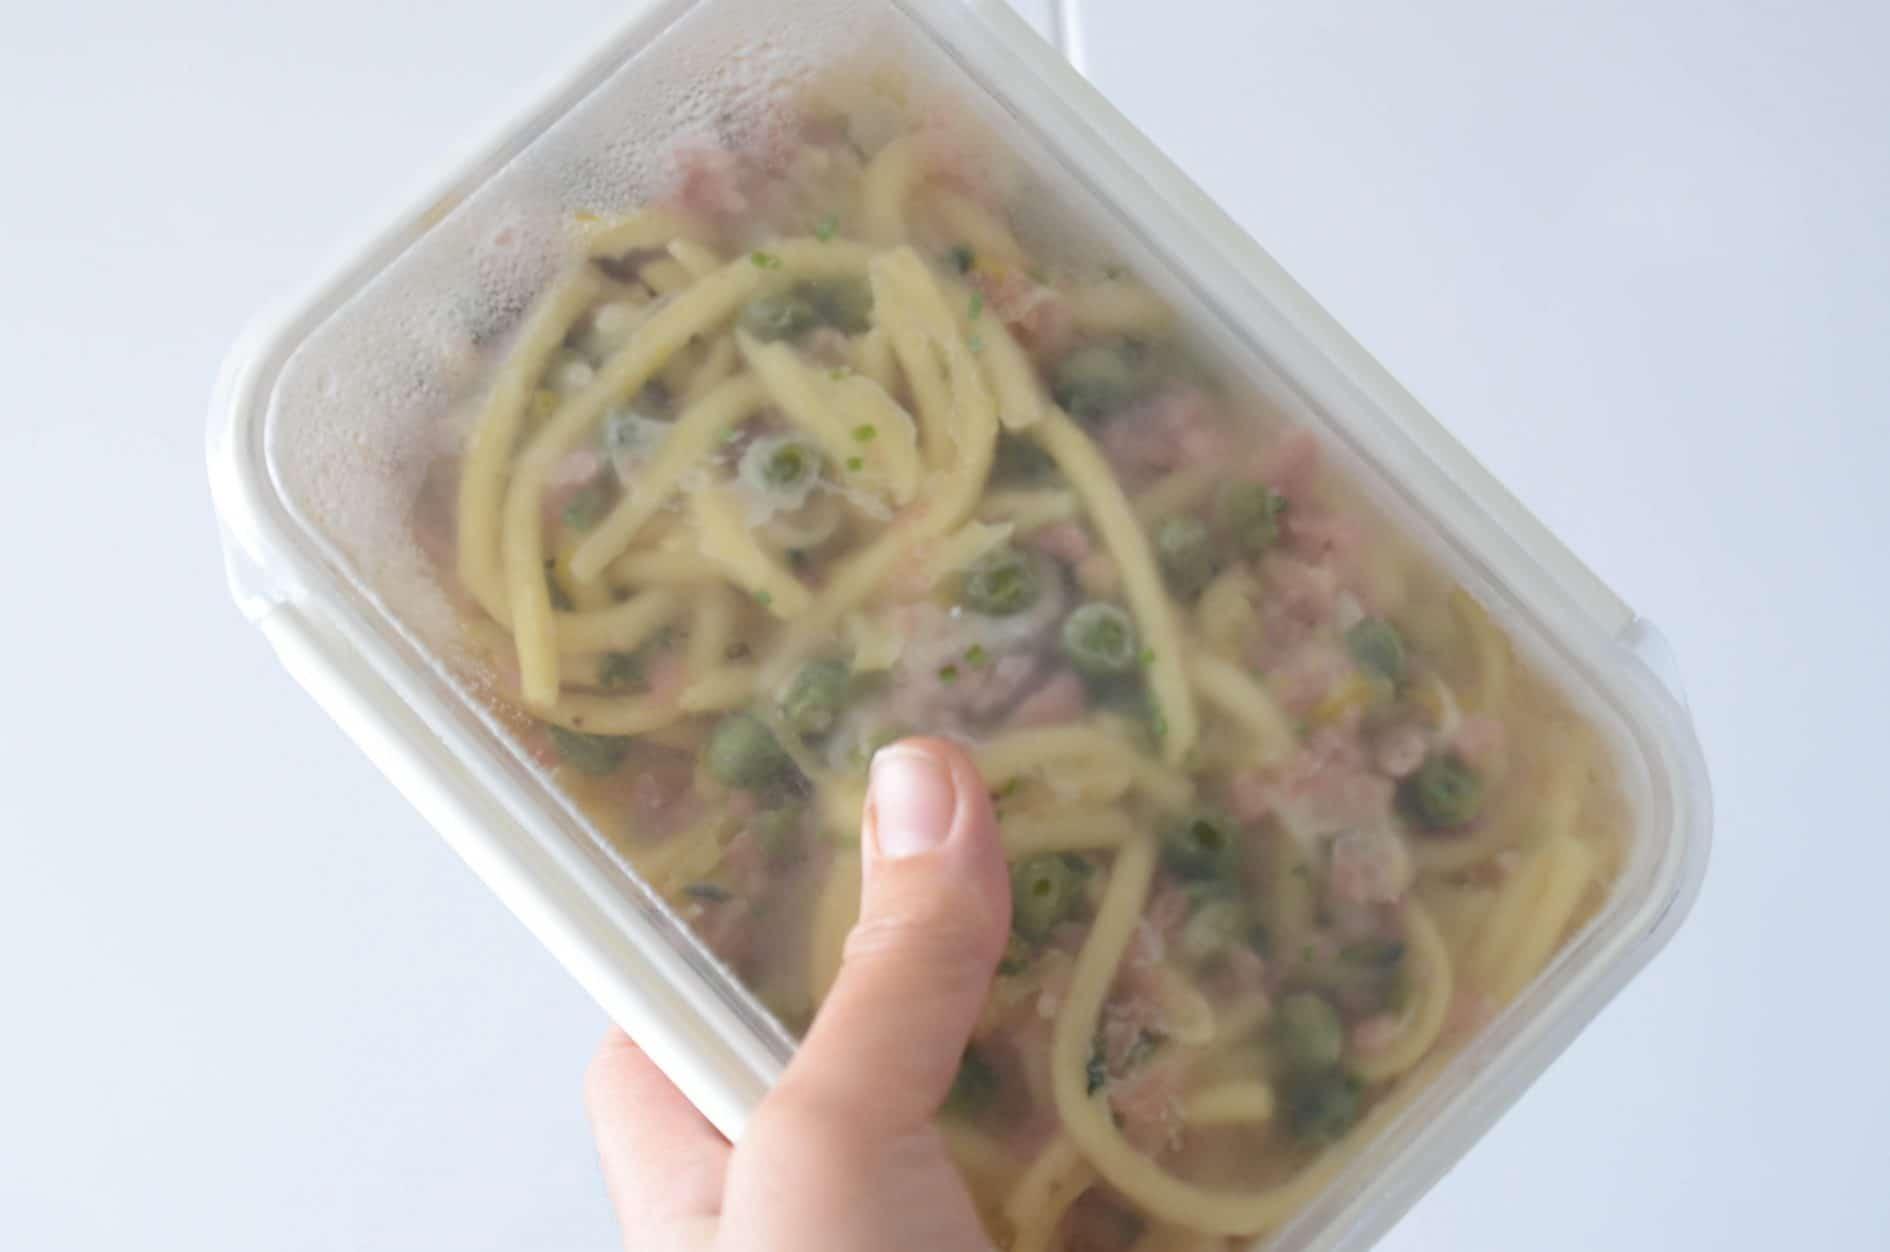 receita de macarrao congelado fácil com molho branco e ervilhas